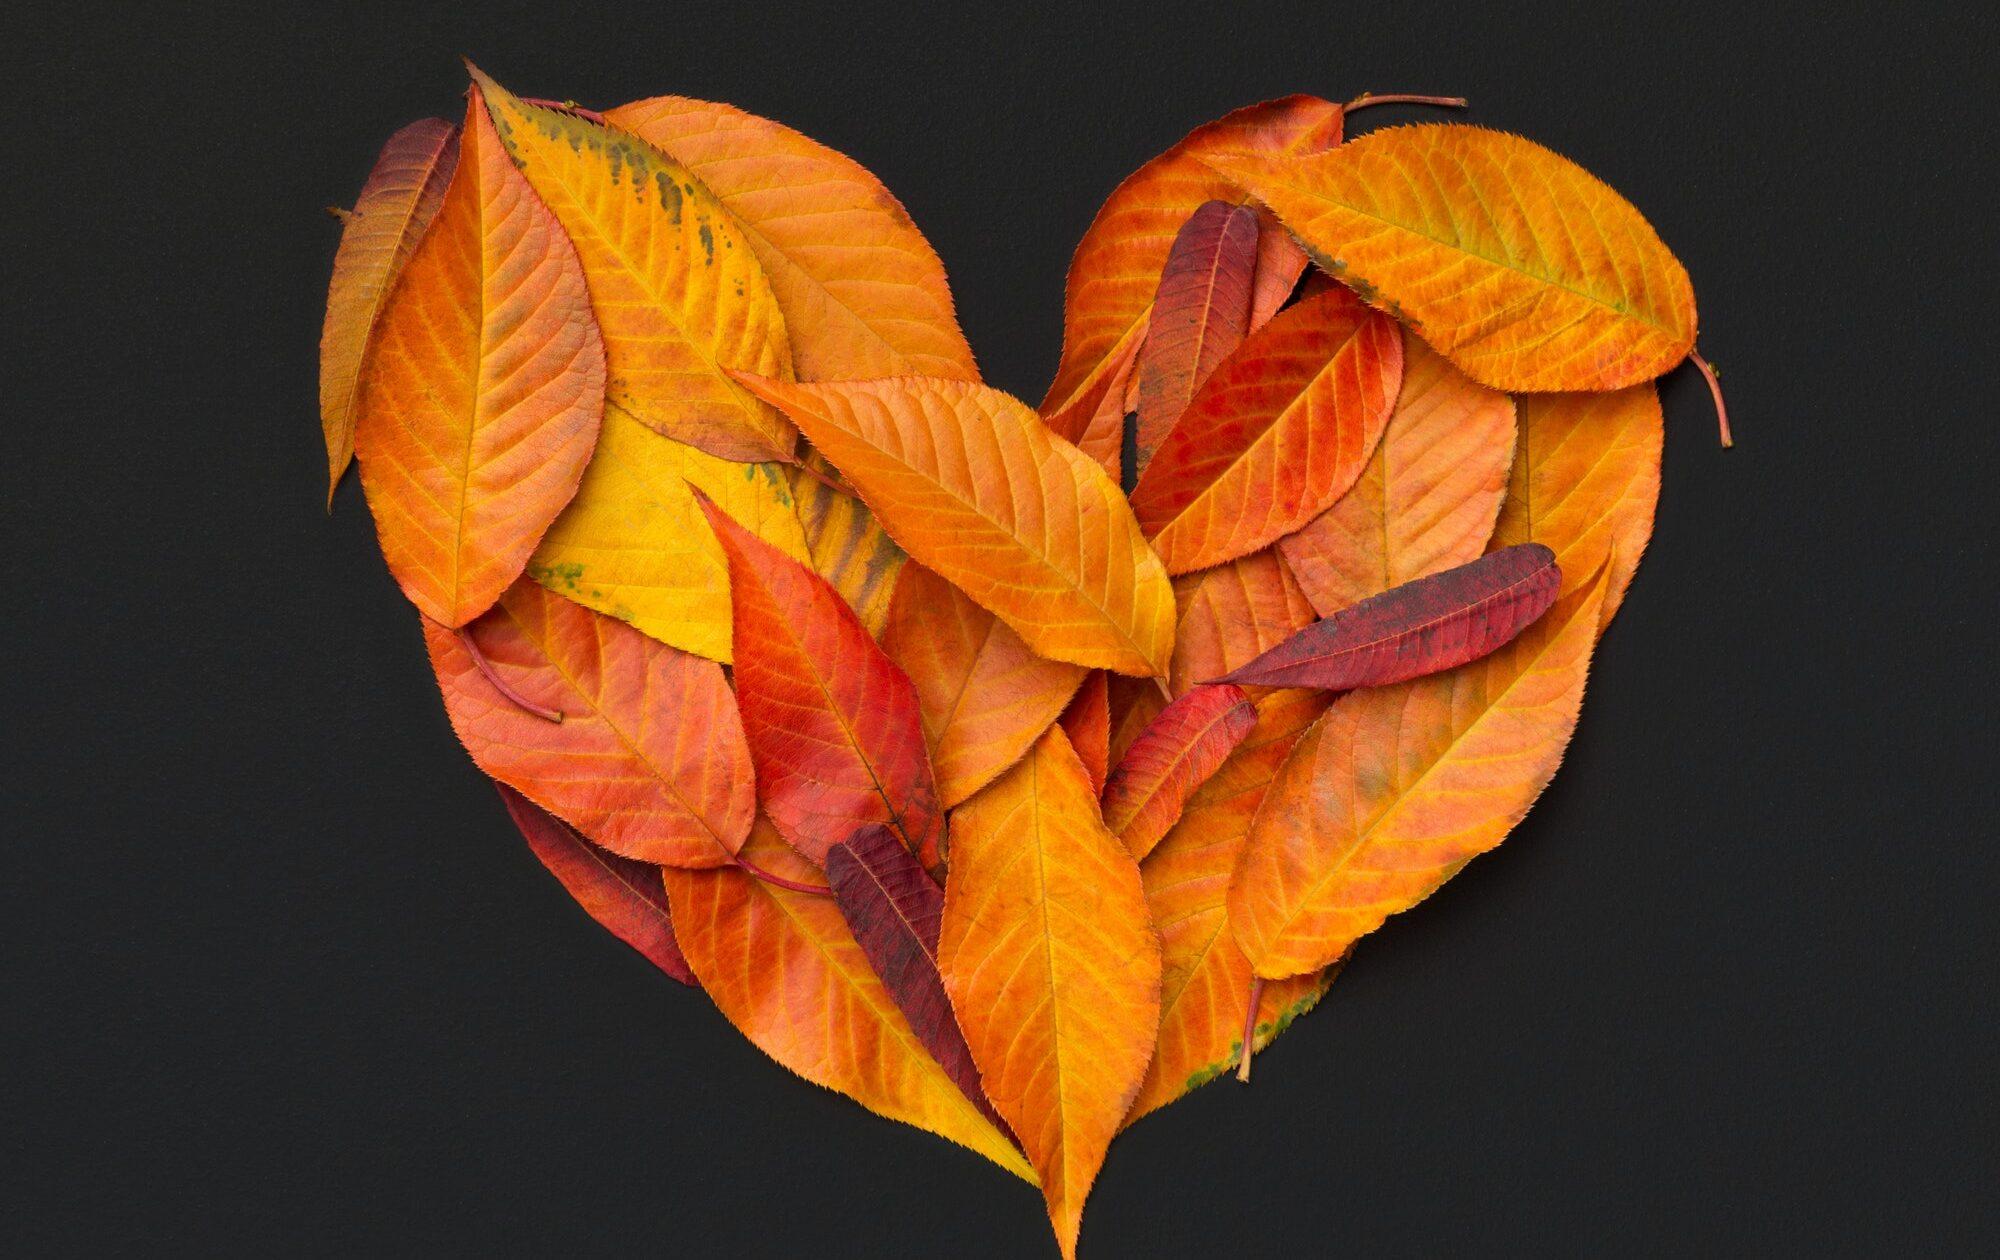 Heart of fallen bright leaves on chalkboard background